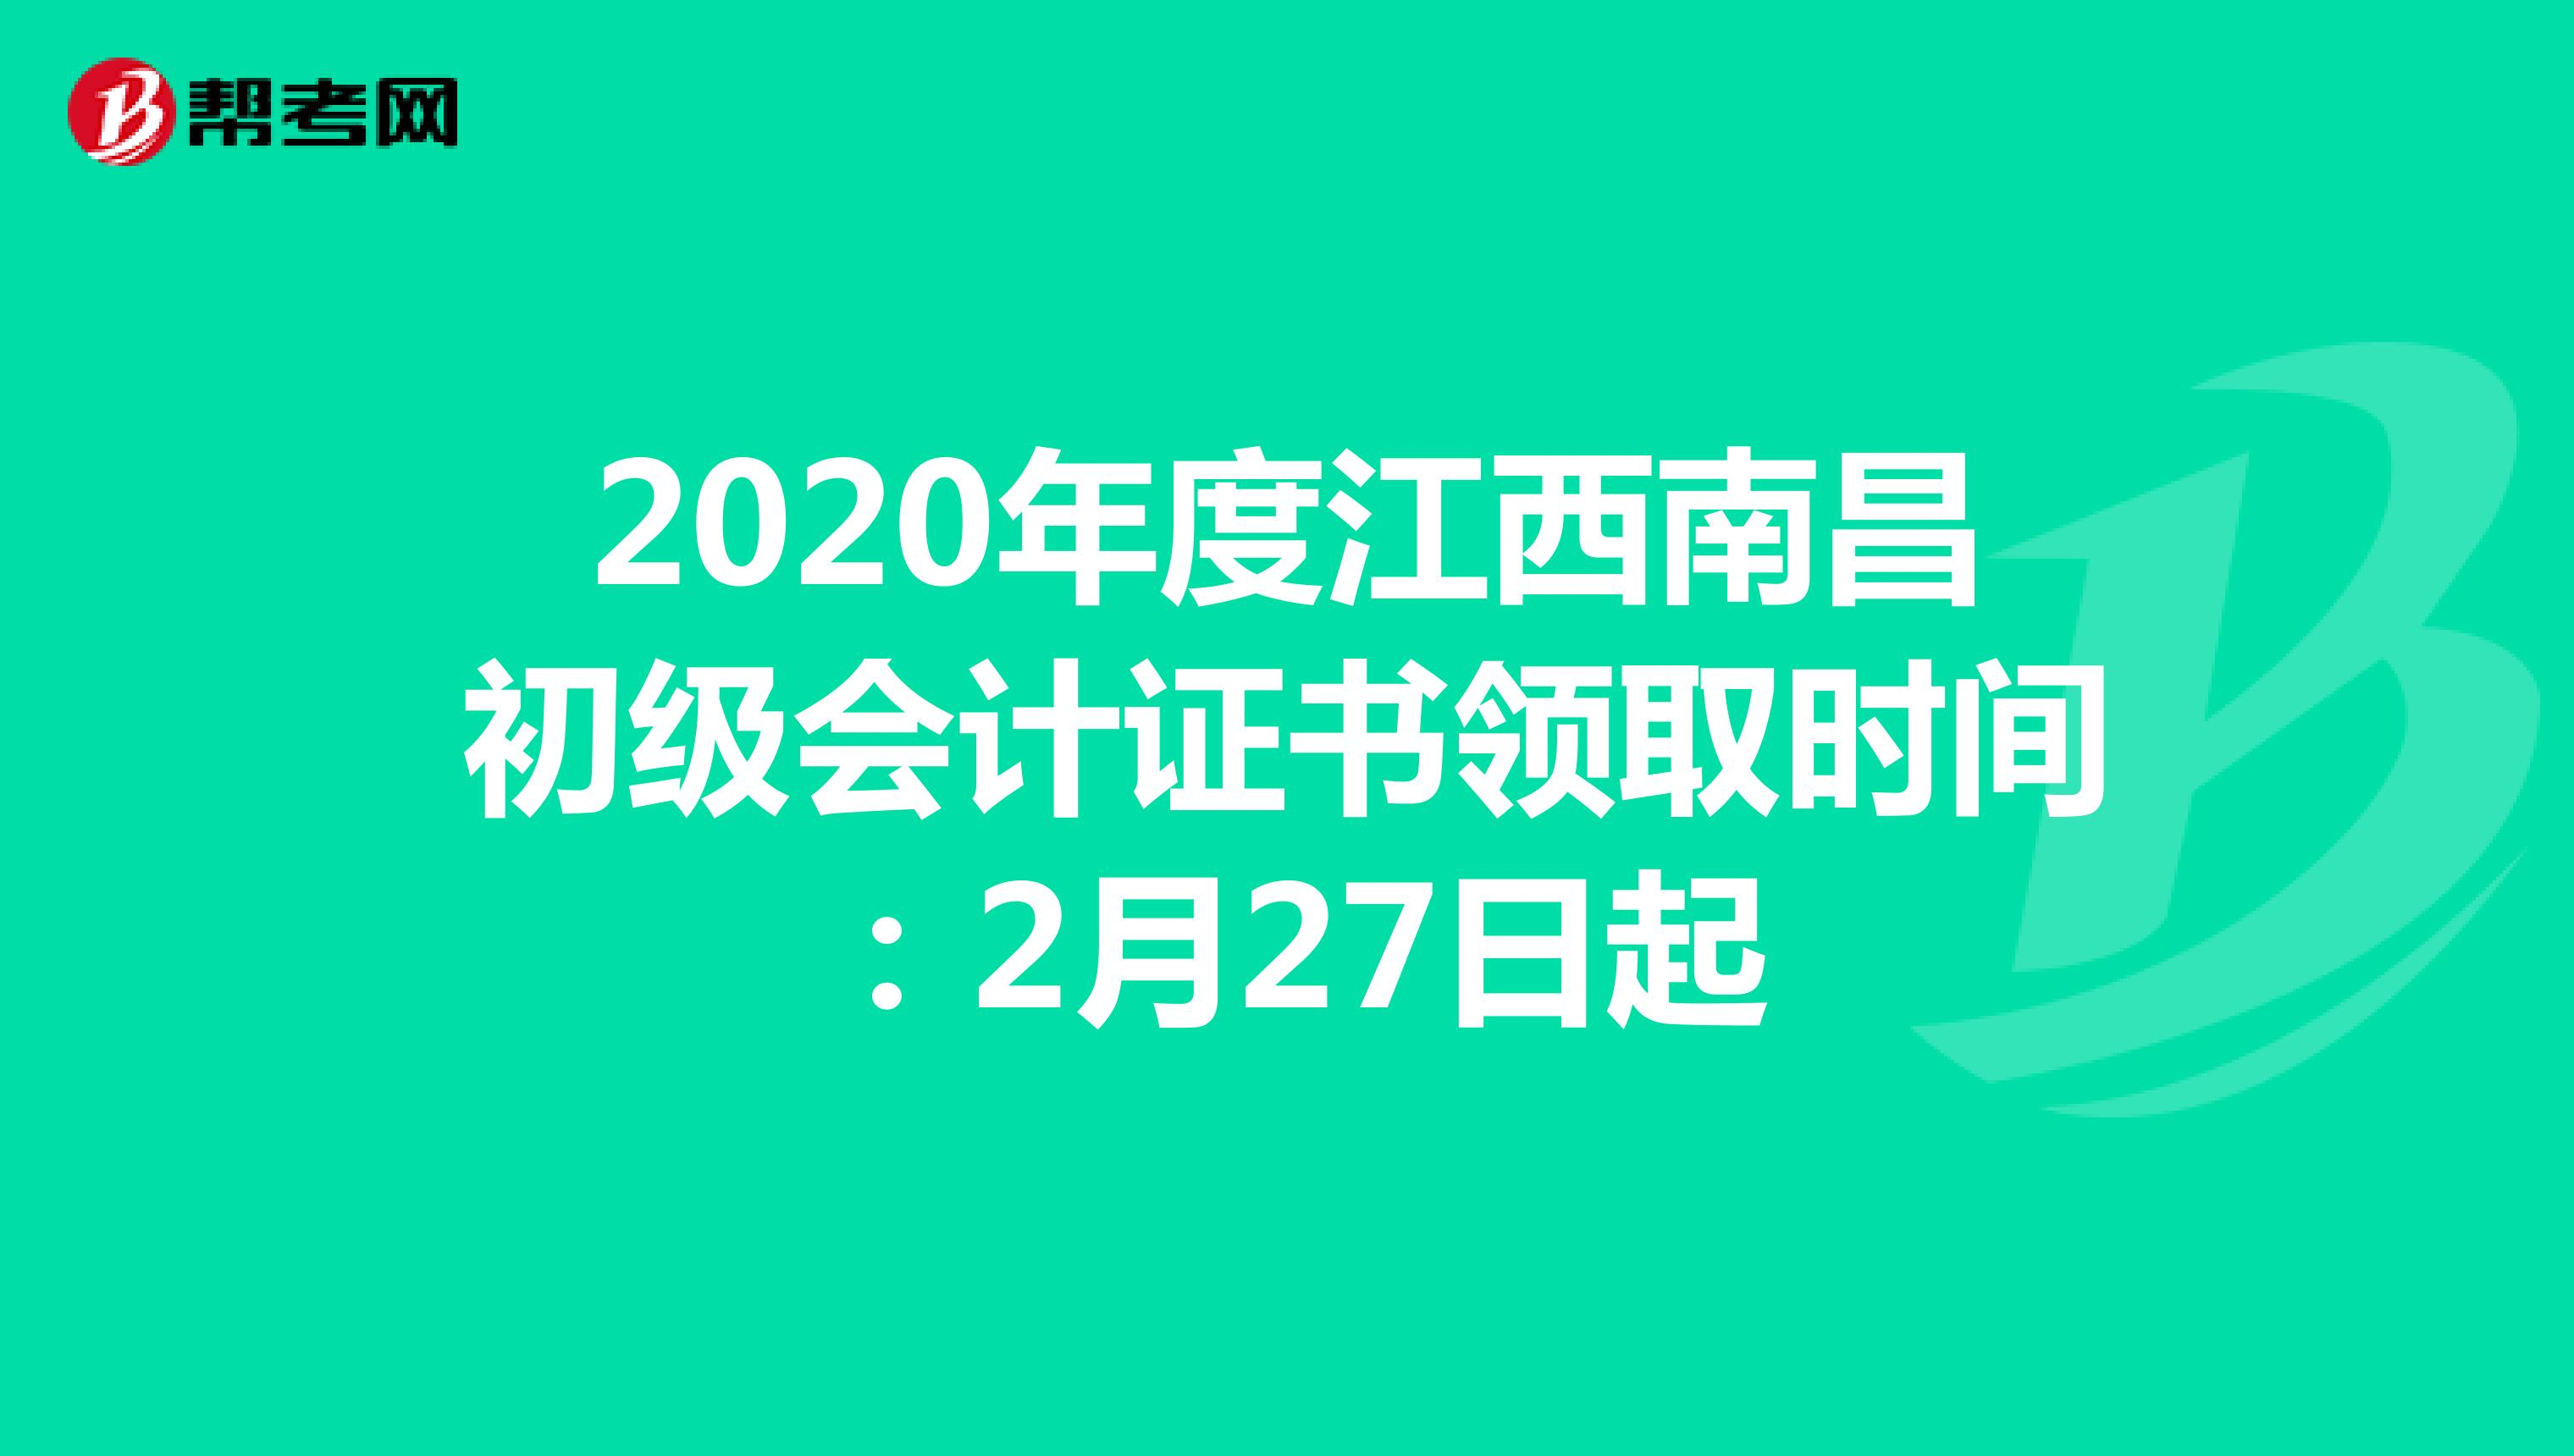 2020年度江西南昌初级会计证书领取时间:2月27日起